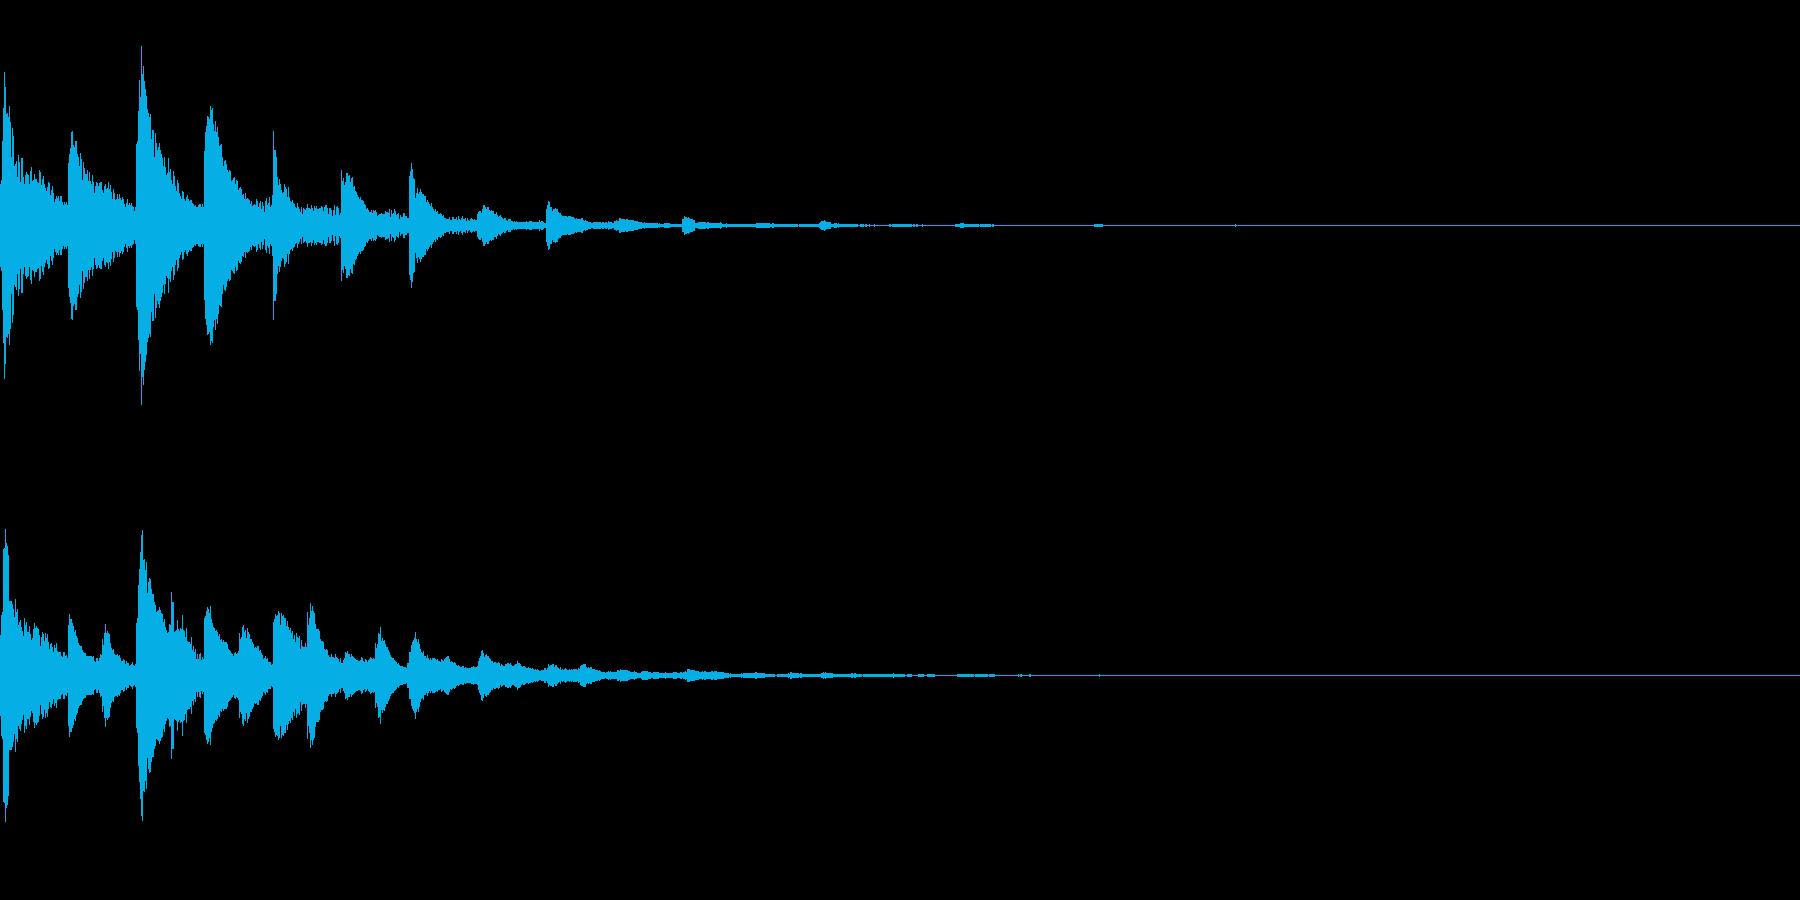 ピポパポ(テクノ/癒し系/ファミコン綺麗の再生済みの波形